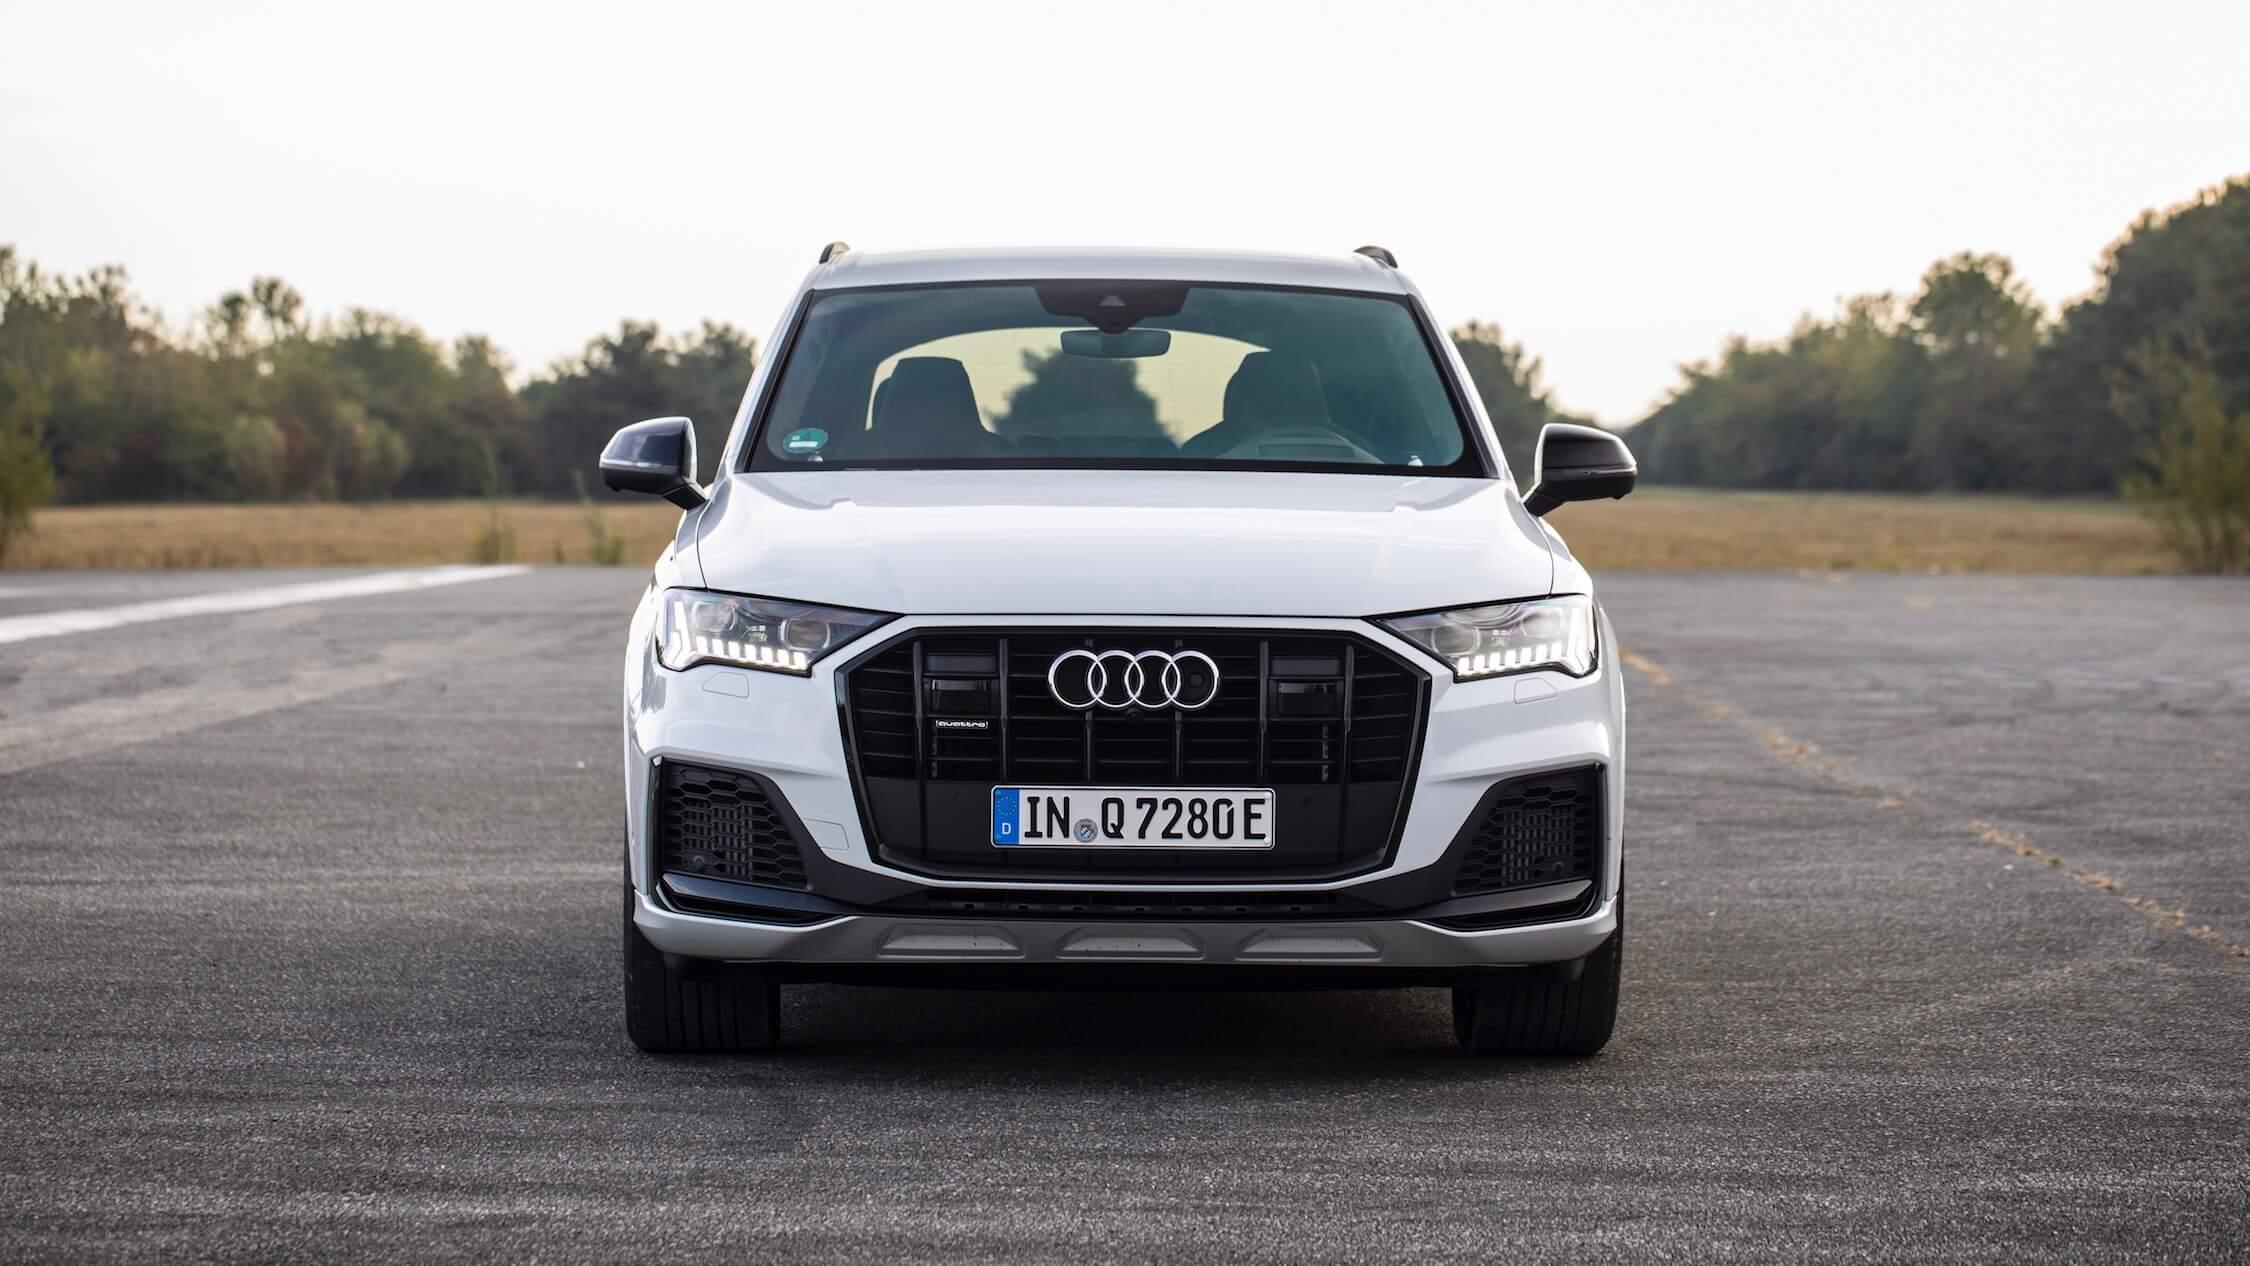 Audi Q7 60 TFSI e frente